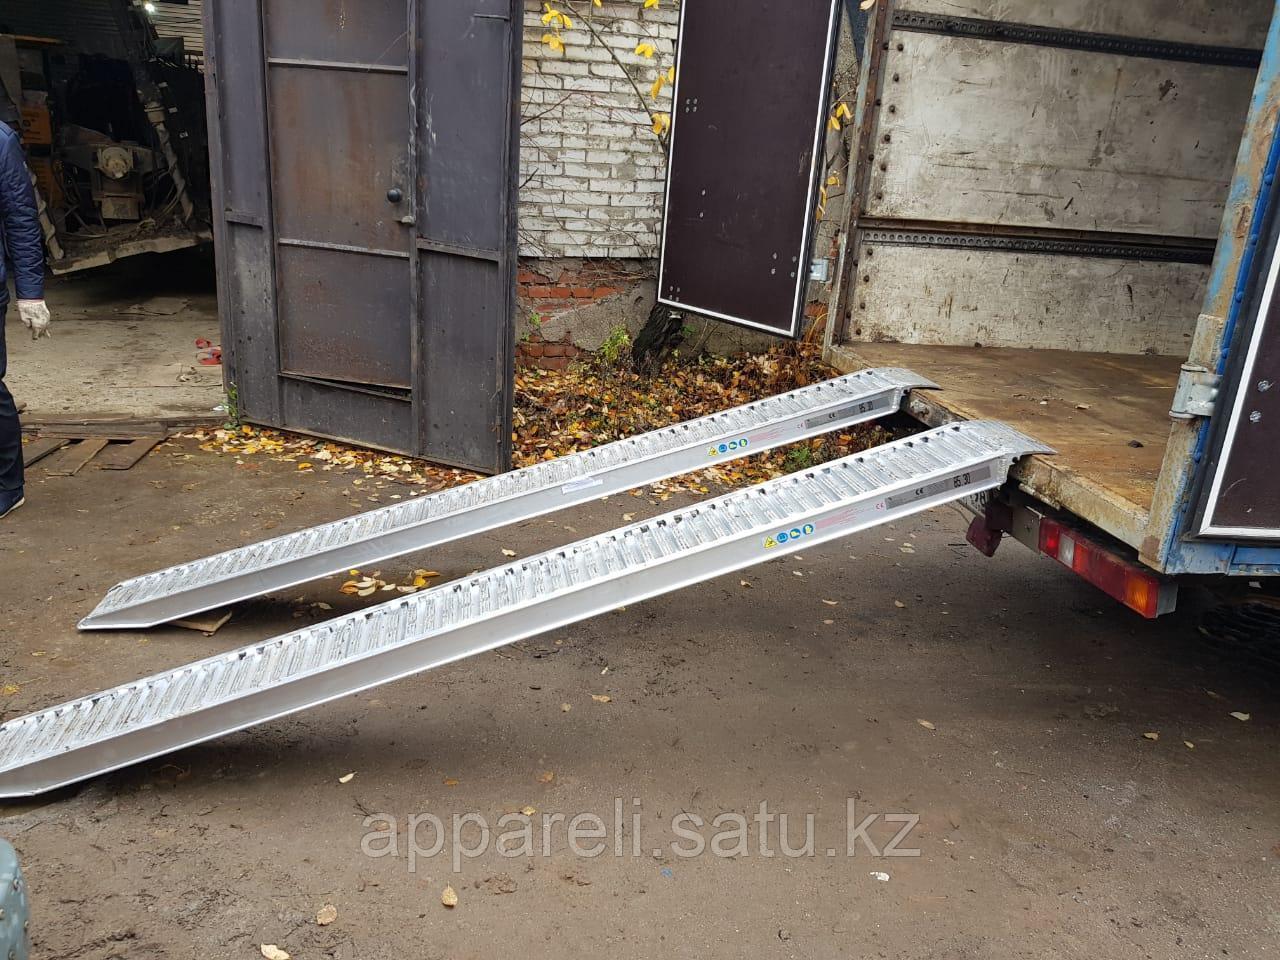 Алюминиевые аппарели 3680 кг, 2000 мм производство